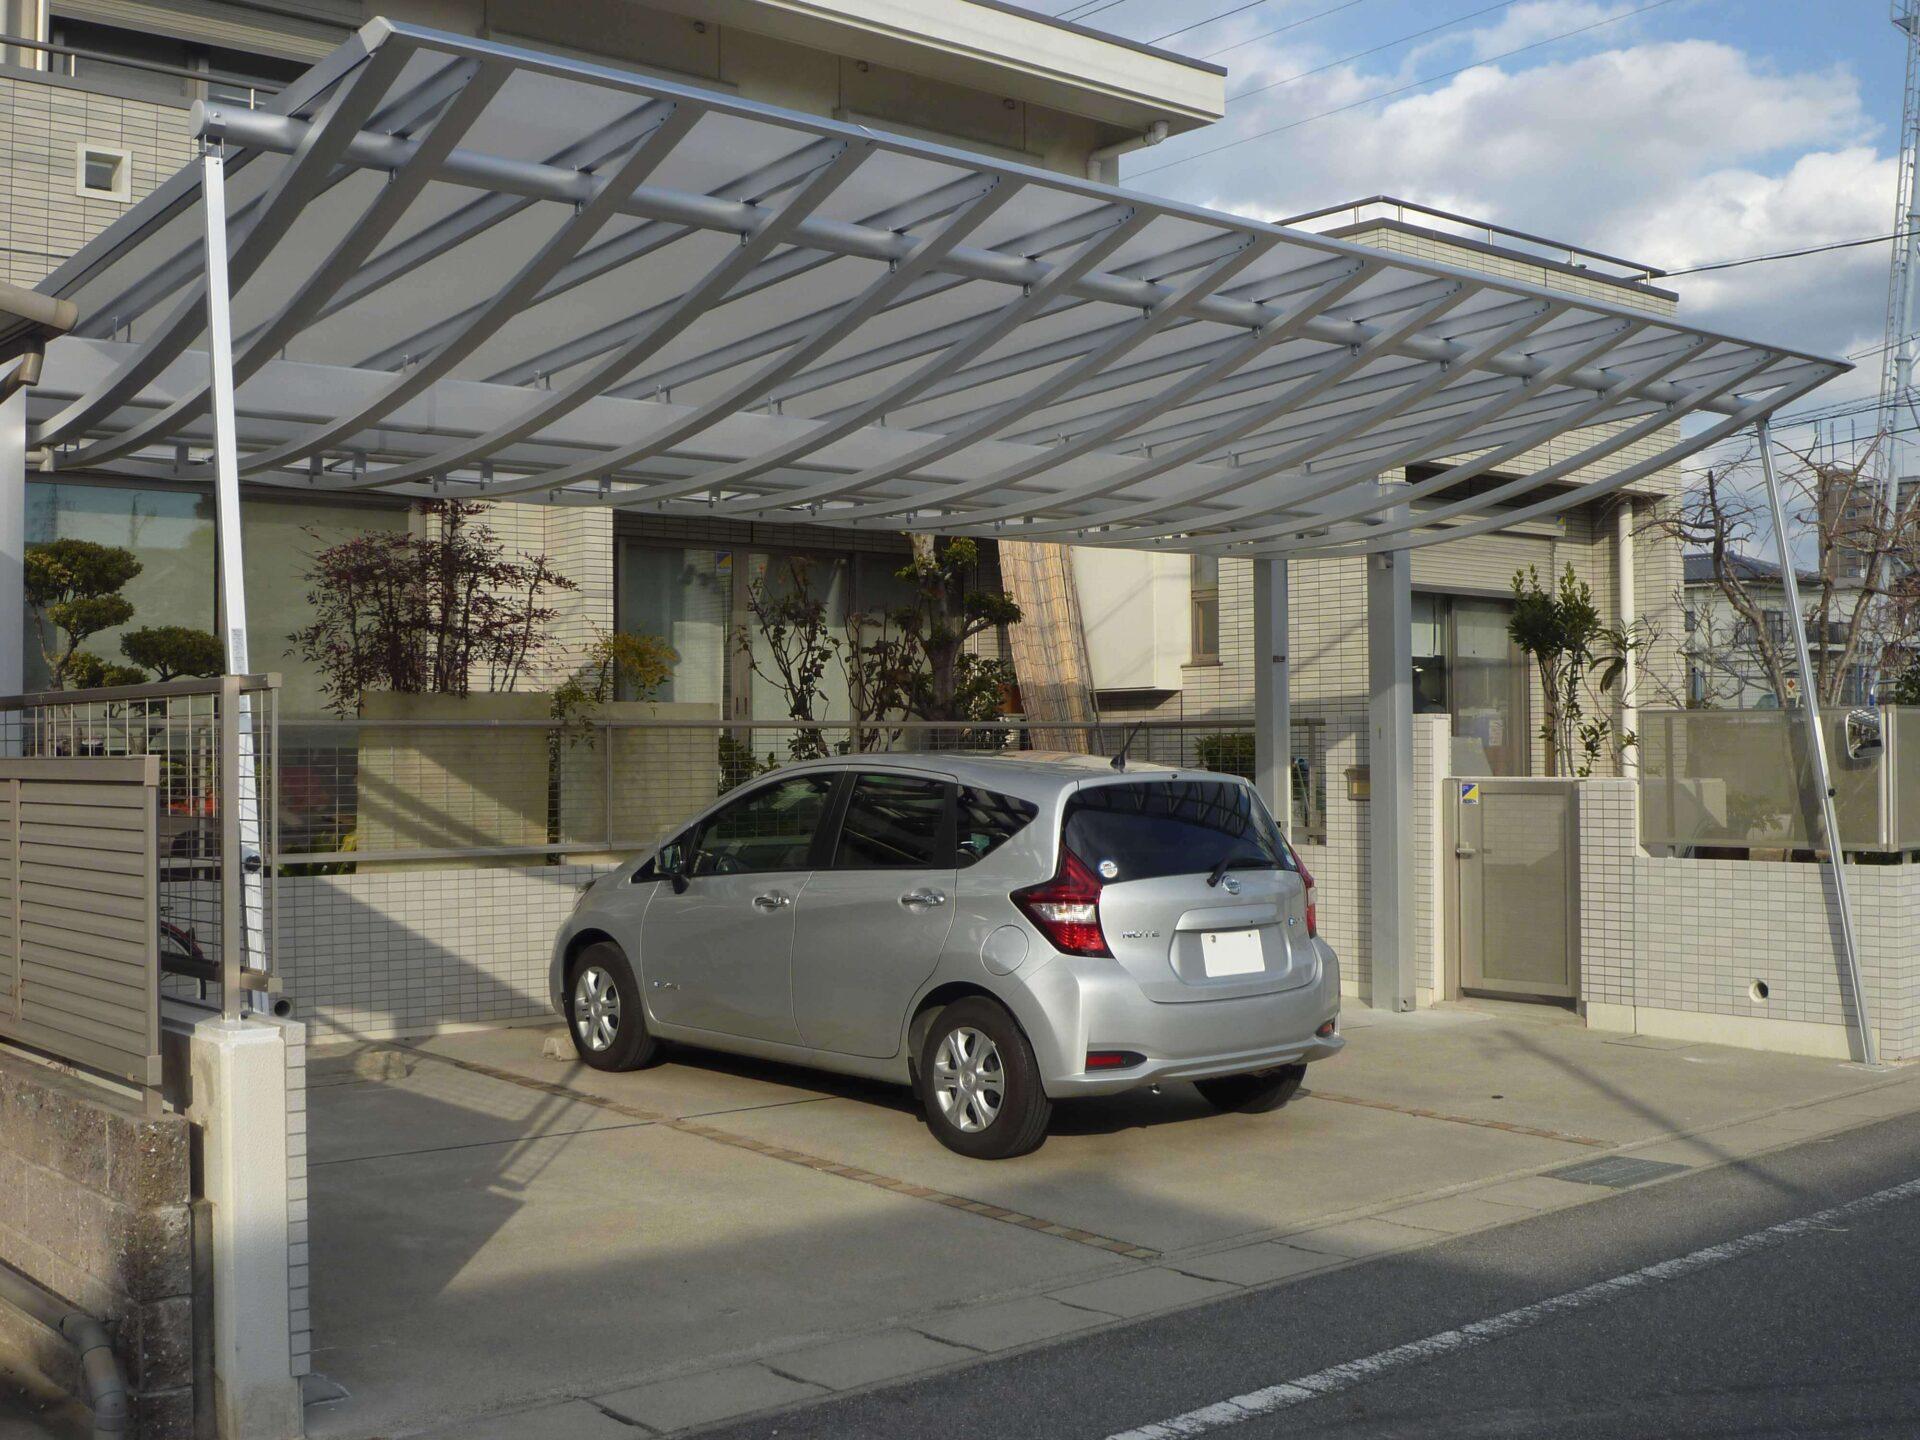 岡崎市エクステリア外構屋根の曲線がかっこいい!デザイン性の高いカーポートでワンランク上の外構へ